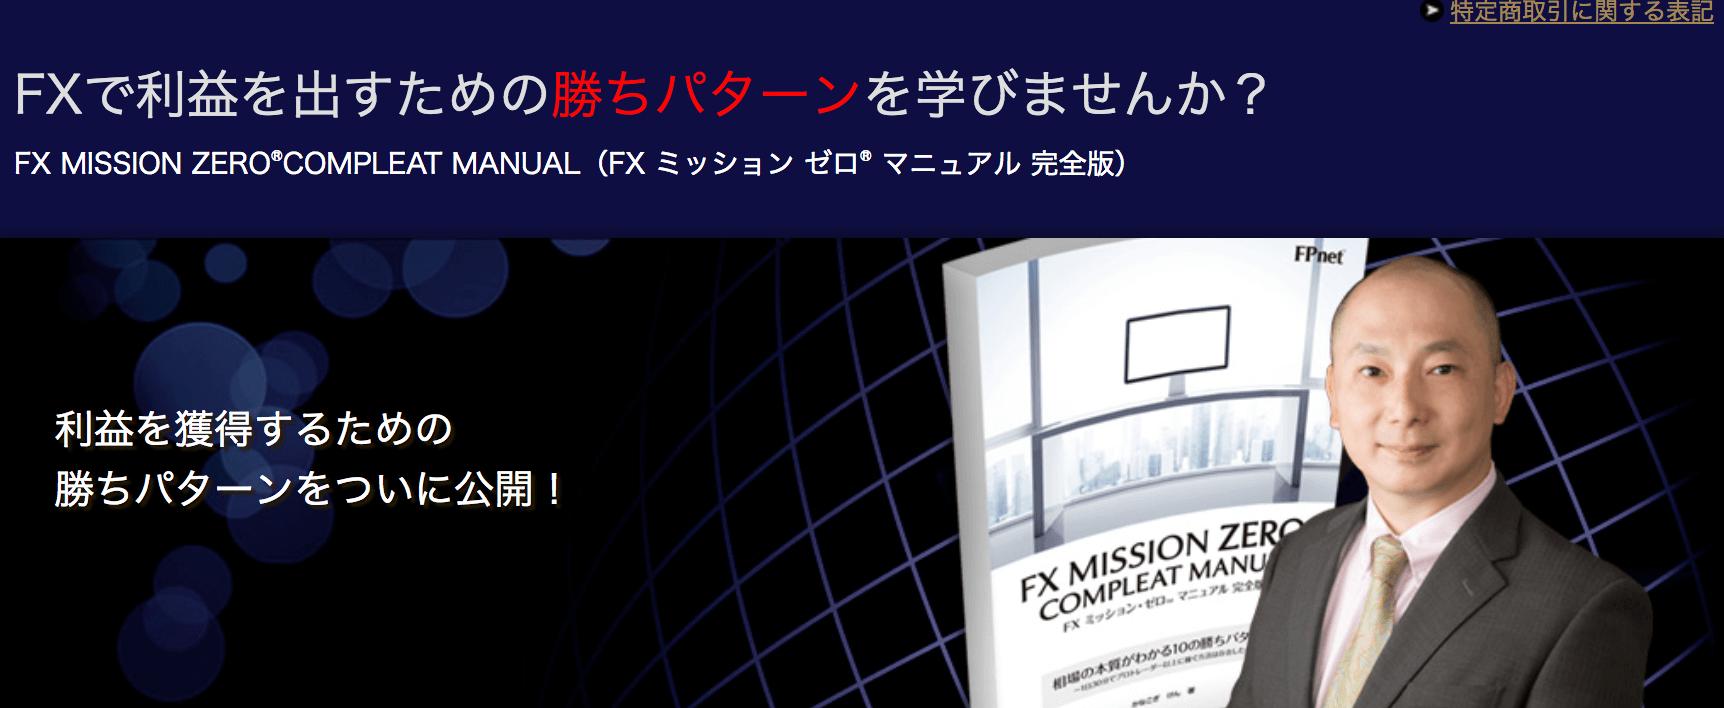 FXミッションゼロマニュアル完全版豪華特典付き口コミ評判レビュー